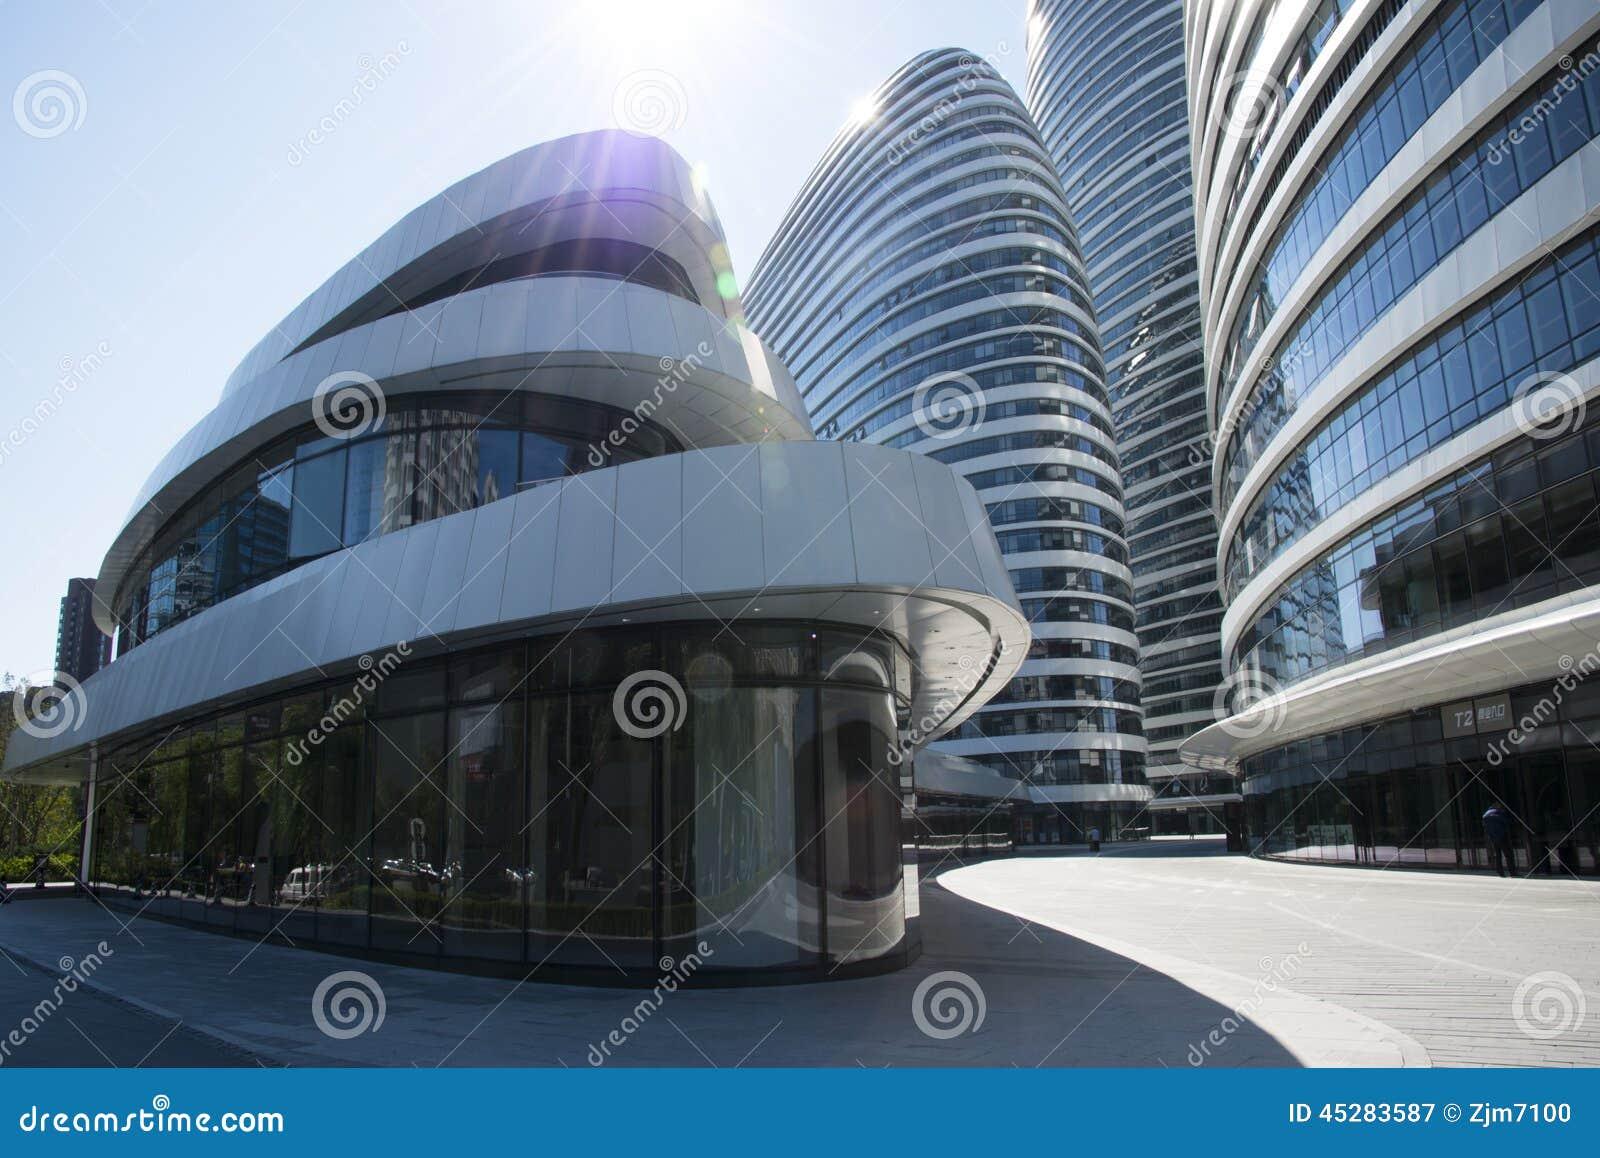 In Asia Beijing China Modern Architecture Wangjing Soho